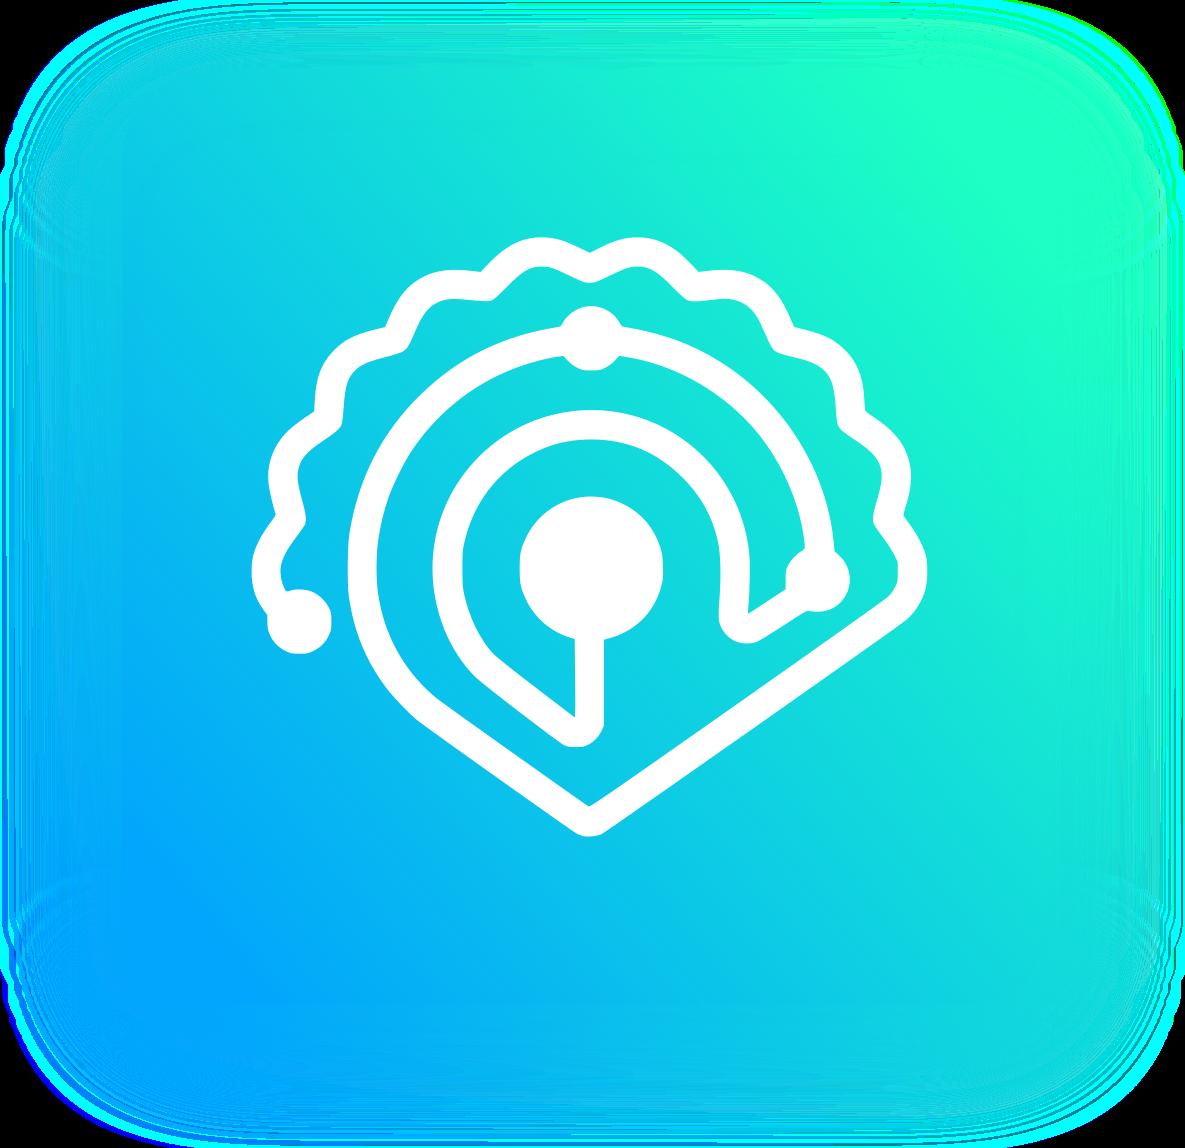 Logo Seashell